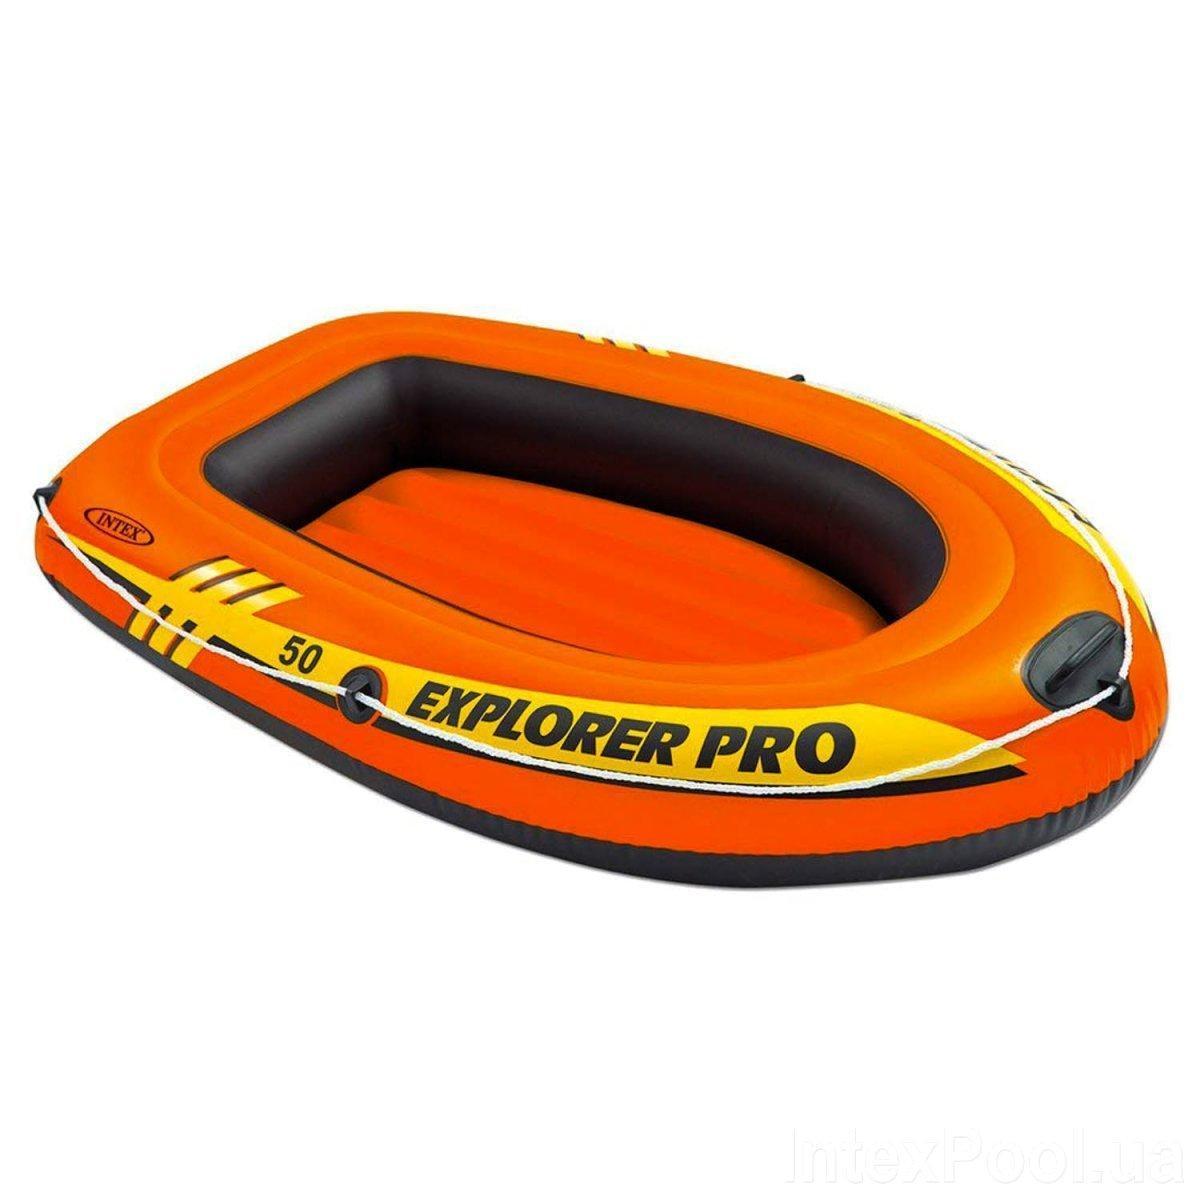 Одноместная надувная лодка Intex 58354 Explorer Pro 50